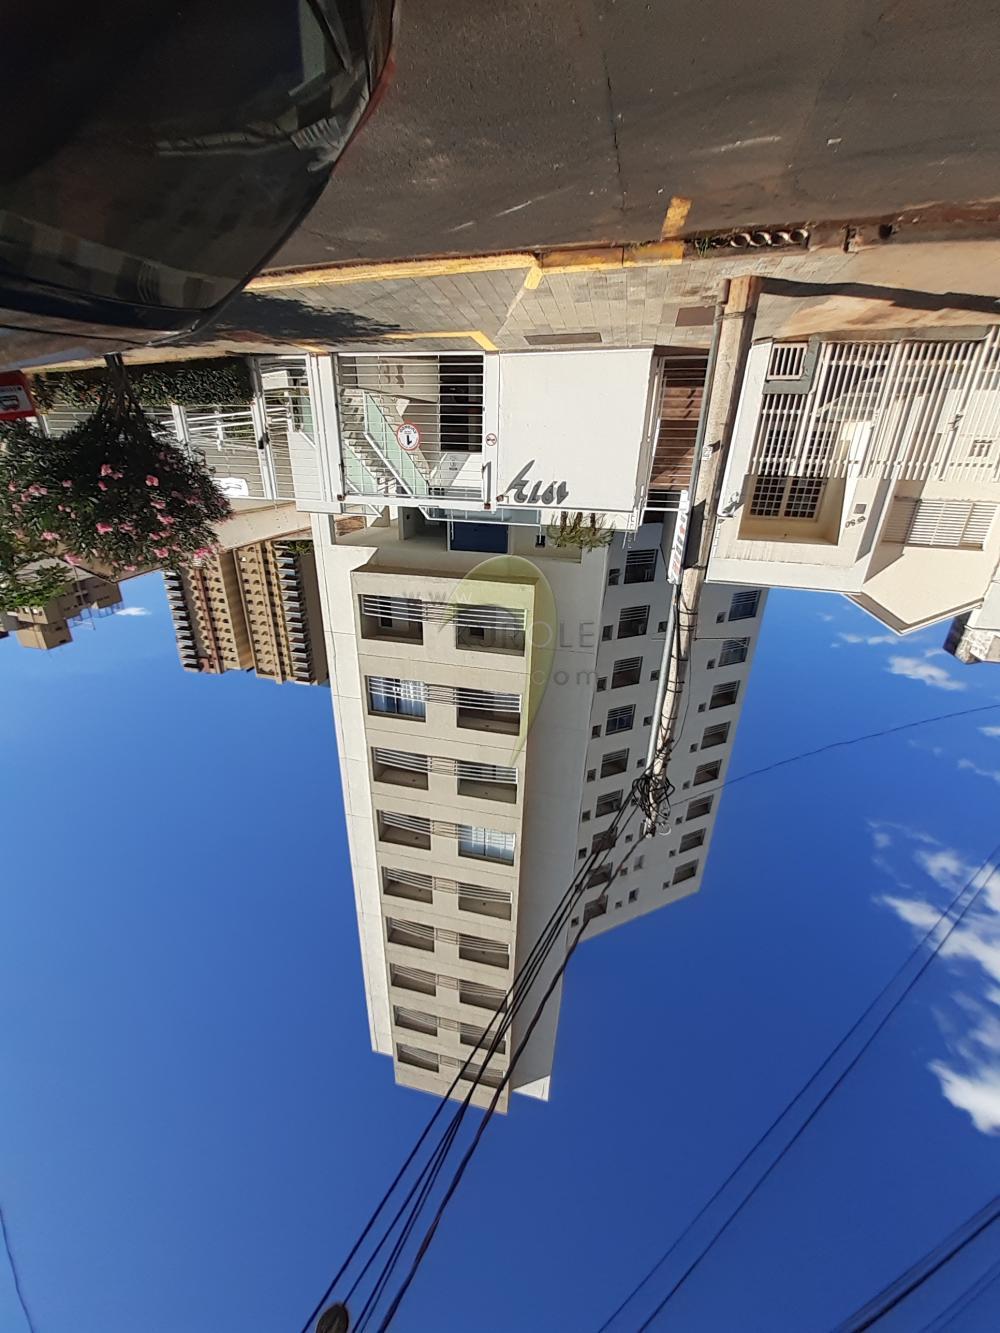 alt='Alugar Apartamento / Cobertura em Ribeirão Preto R$ 11,00 - Foto 66' title='Alugar Apartamento / Cobertura em Ribeirão Preto R$ 11,00 - Foto 66'